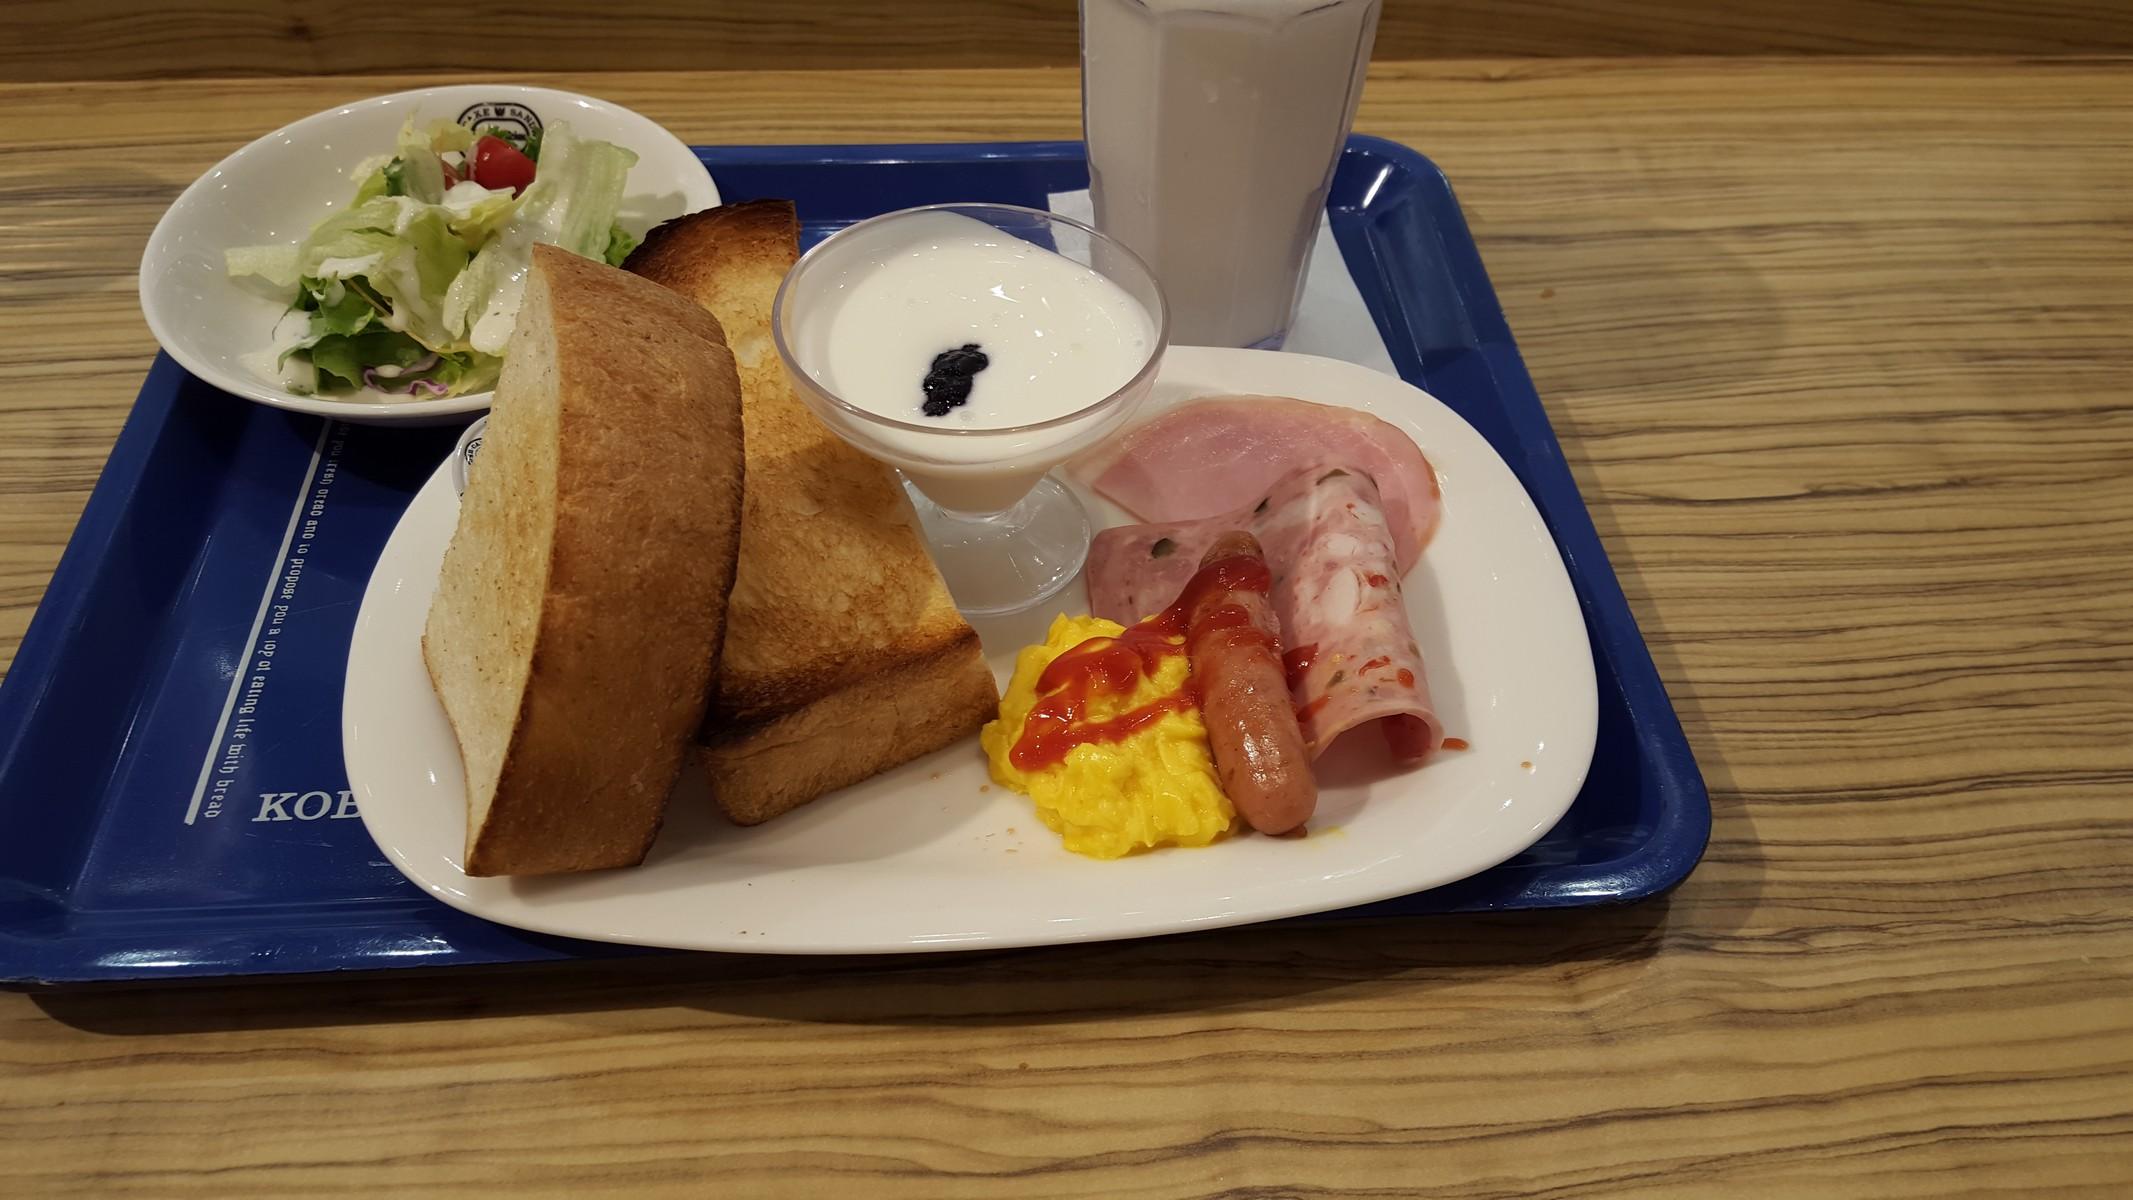 「厚切りトースト」 外はカリカリ、中はしっとりで美味しい!【神戸屋キッチン/恵比寿】